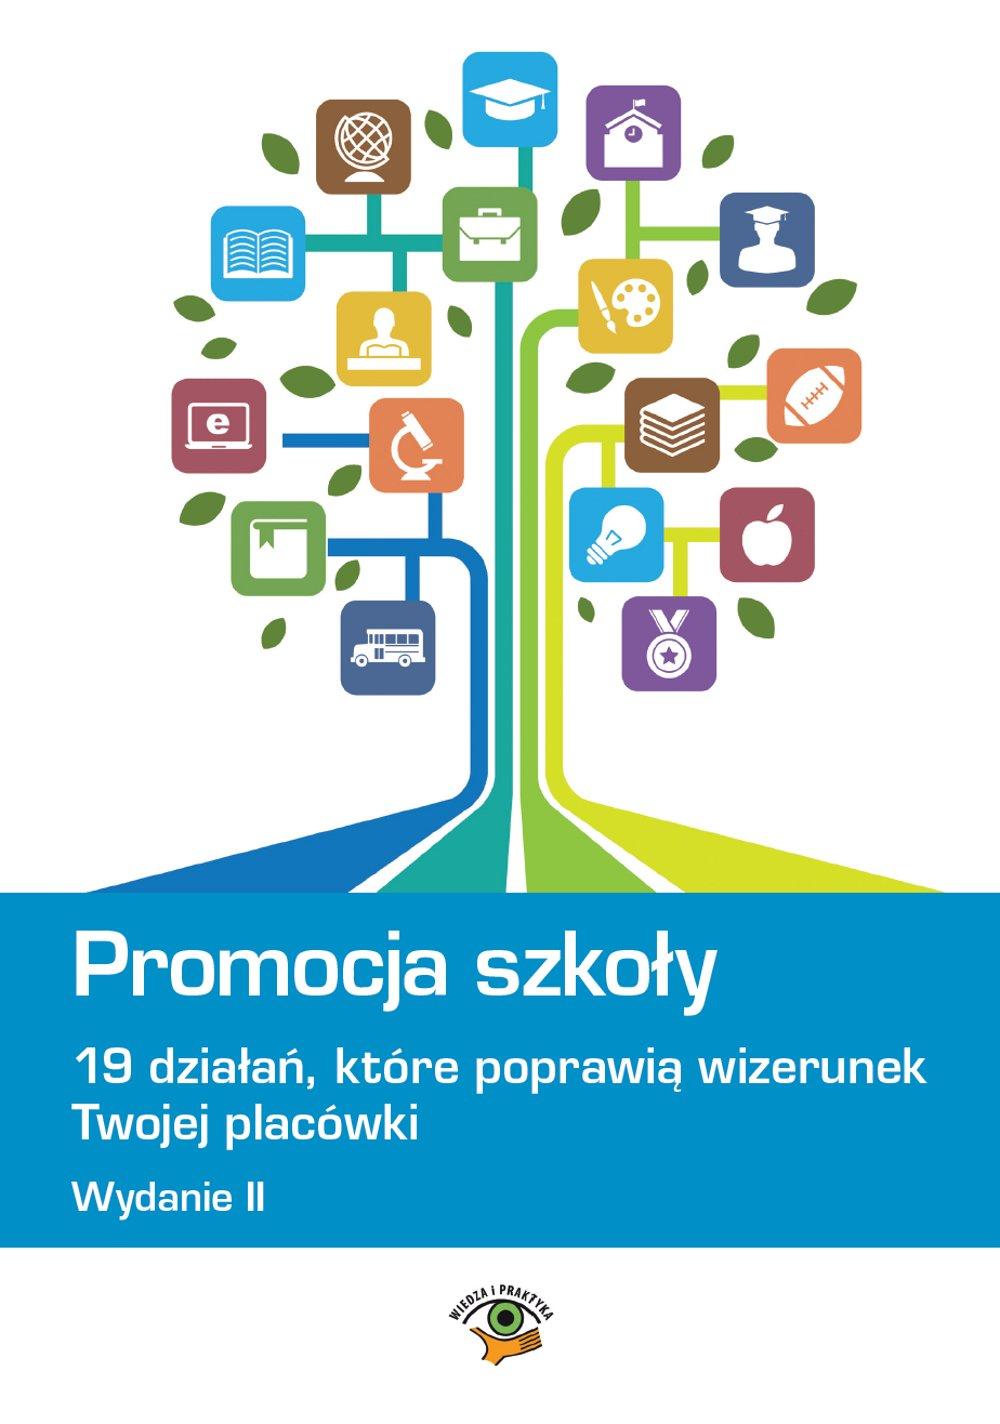 Promocja szkoły - 19 działań, które poprawią wizerunek Twojej szkoły - Ebook (Książka EPUB) do pobrania w formacie EPUB